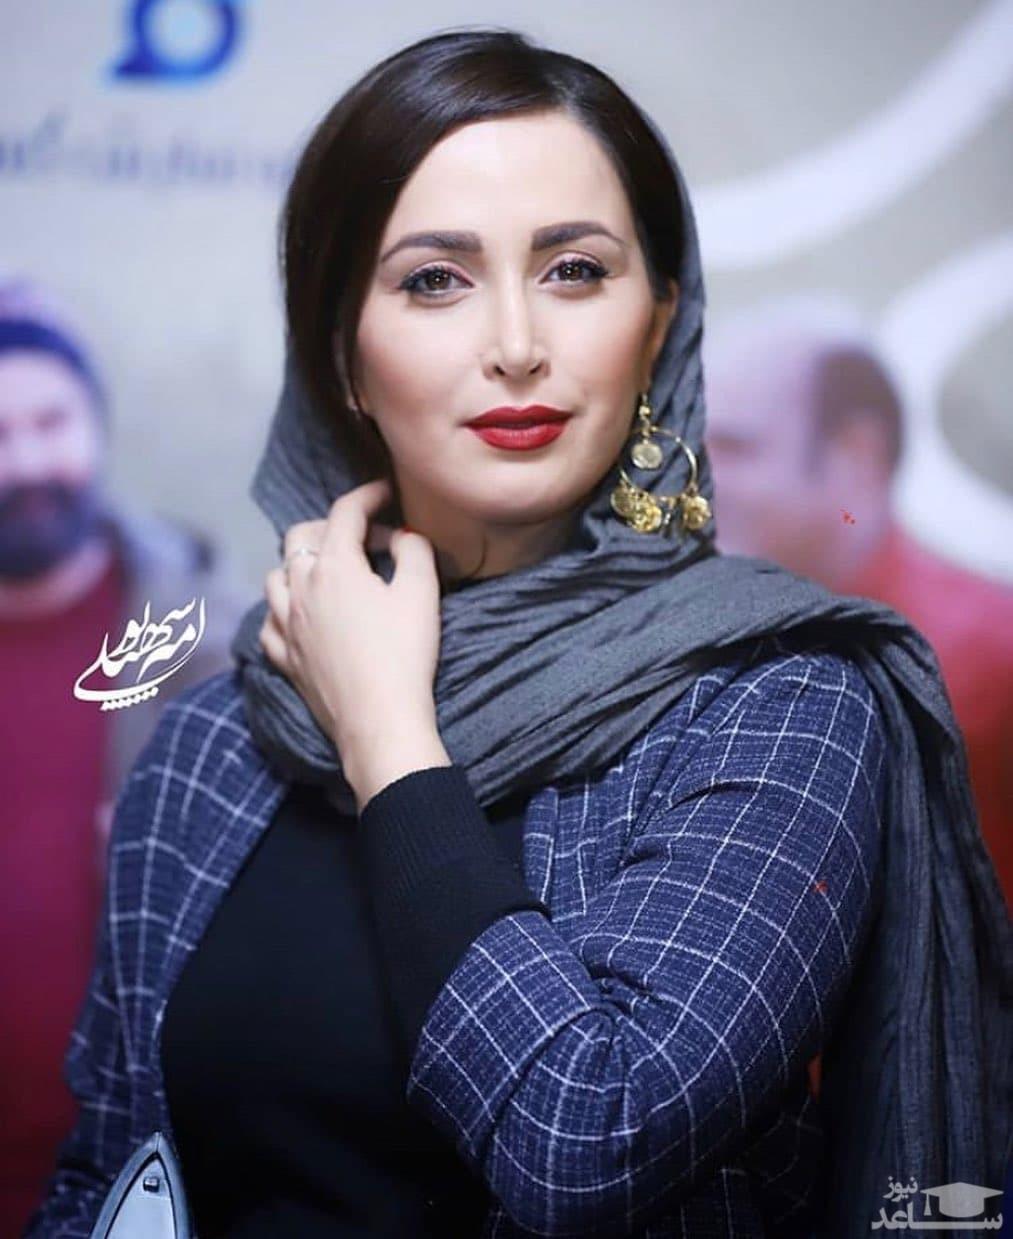 بیوگرافی پاوان افسر و همسرش + عکس های جذاب و دیدنی